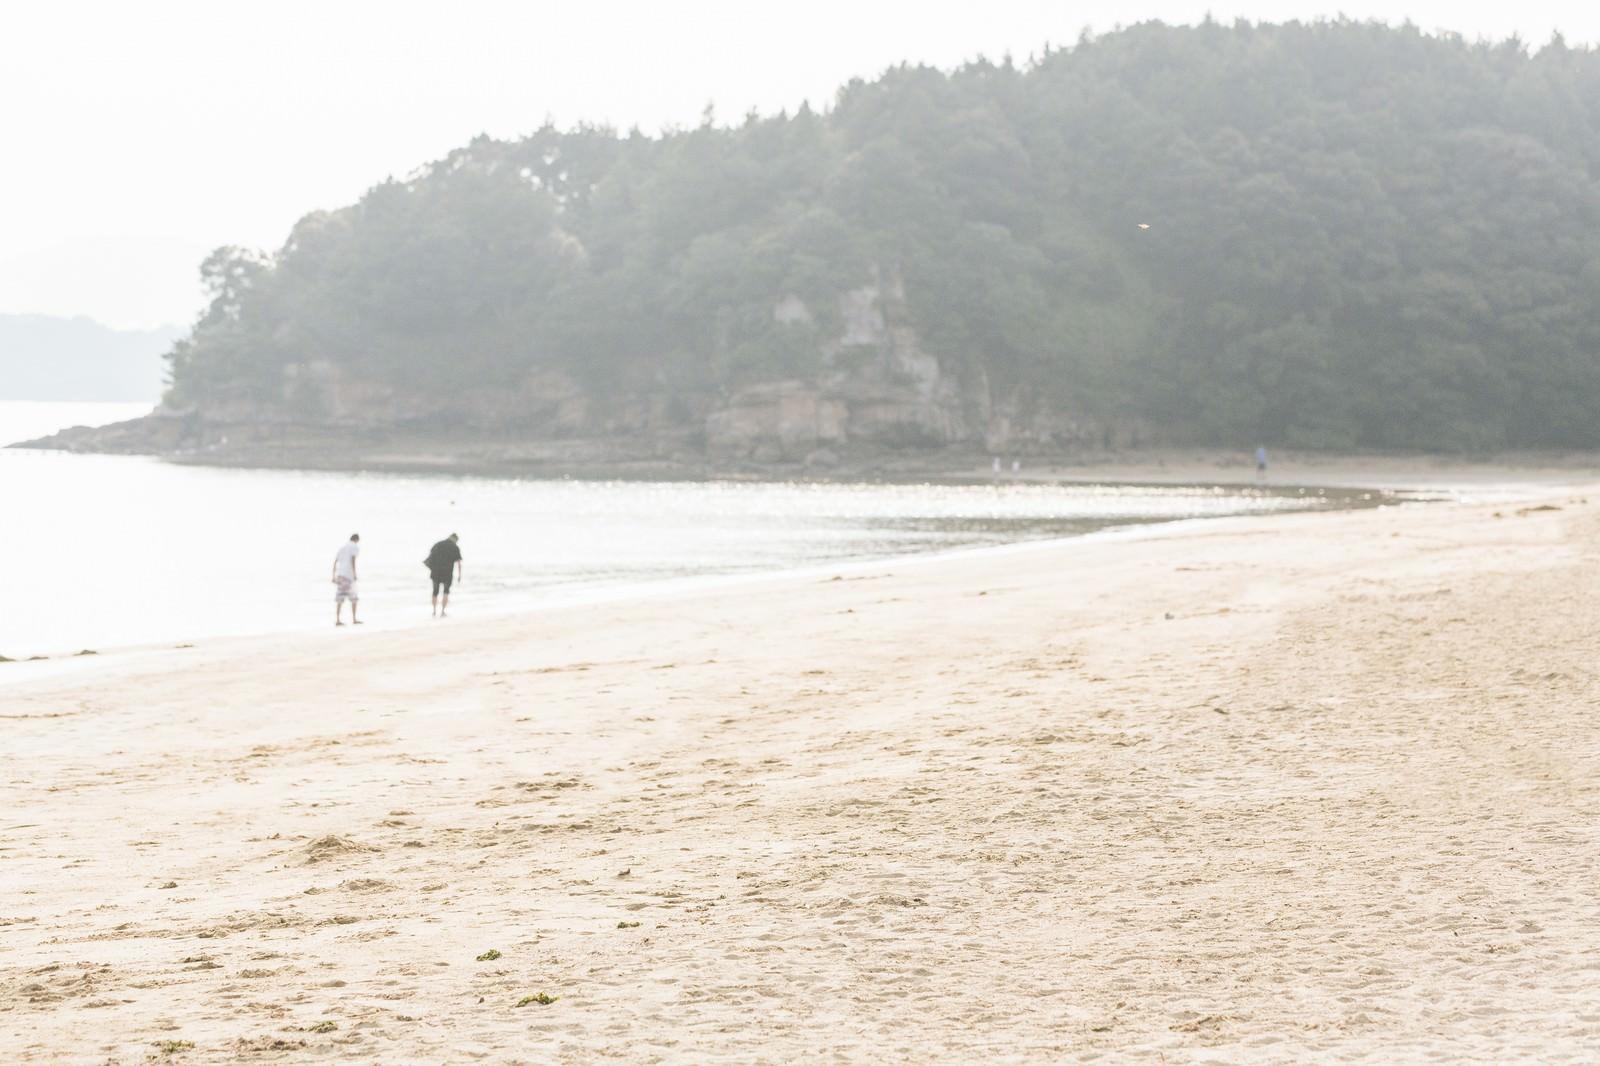 「夏のイマリンビーチの砂浜夏のイマリンビーチの砂浜」のフリー写真素材を拡大